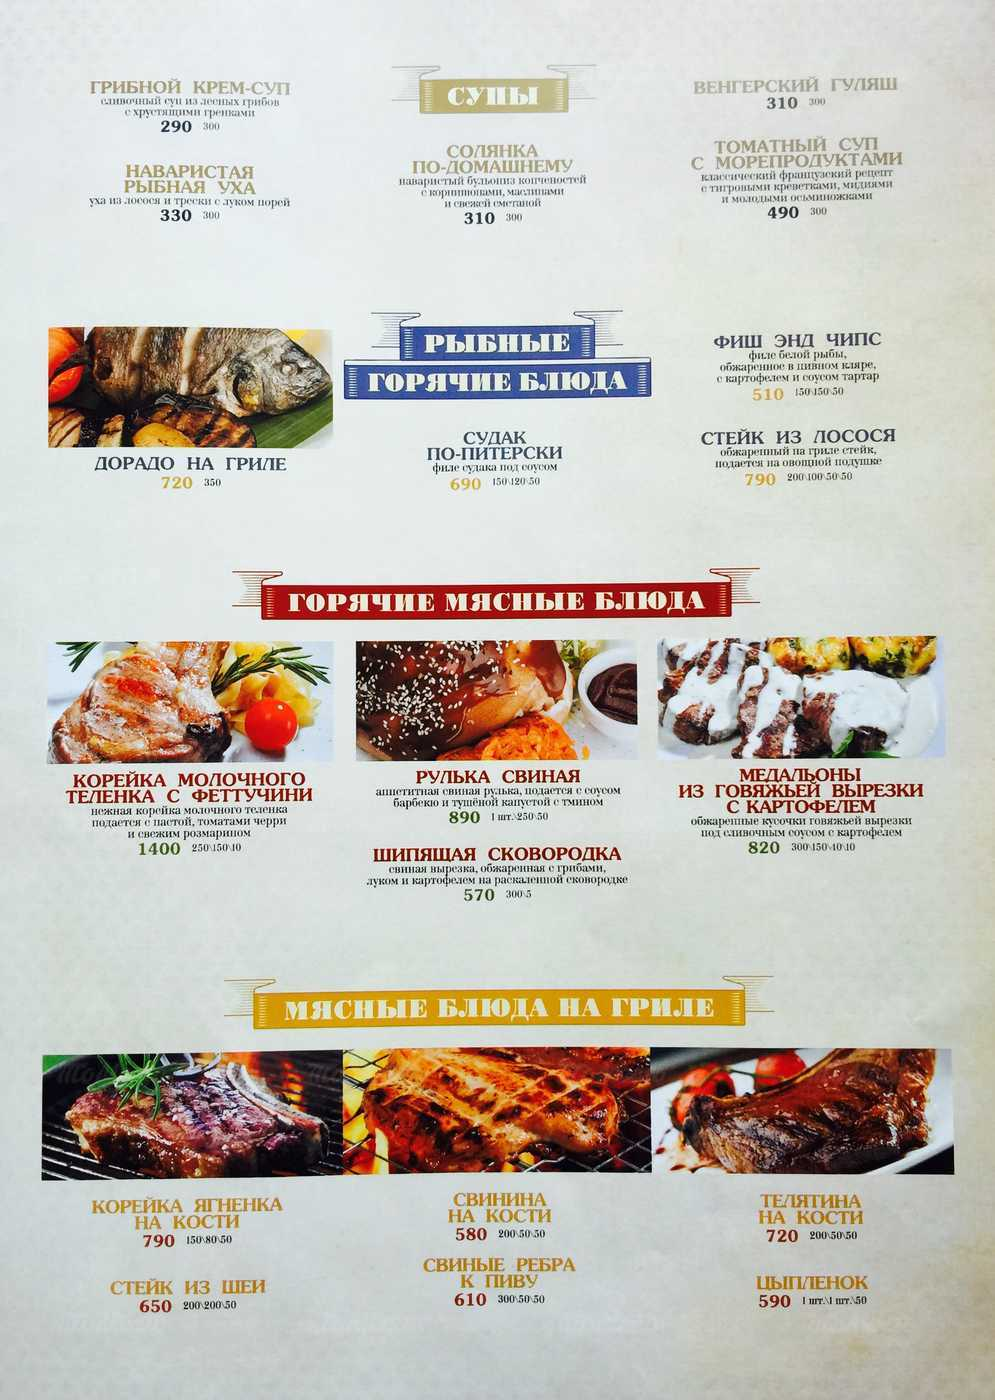 Меню пивного ресторана William Bass (Уильям Басс) на Лиговском проспекте